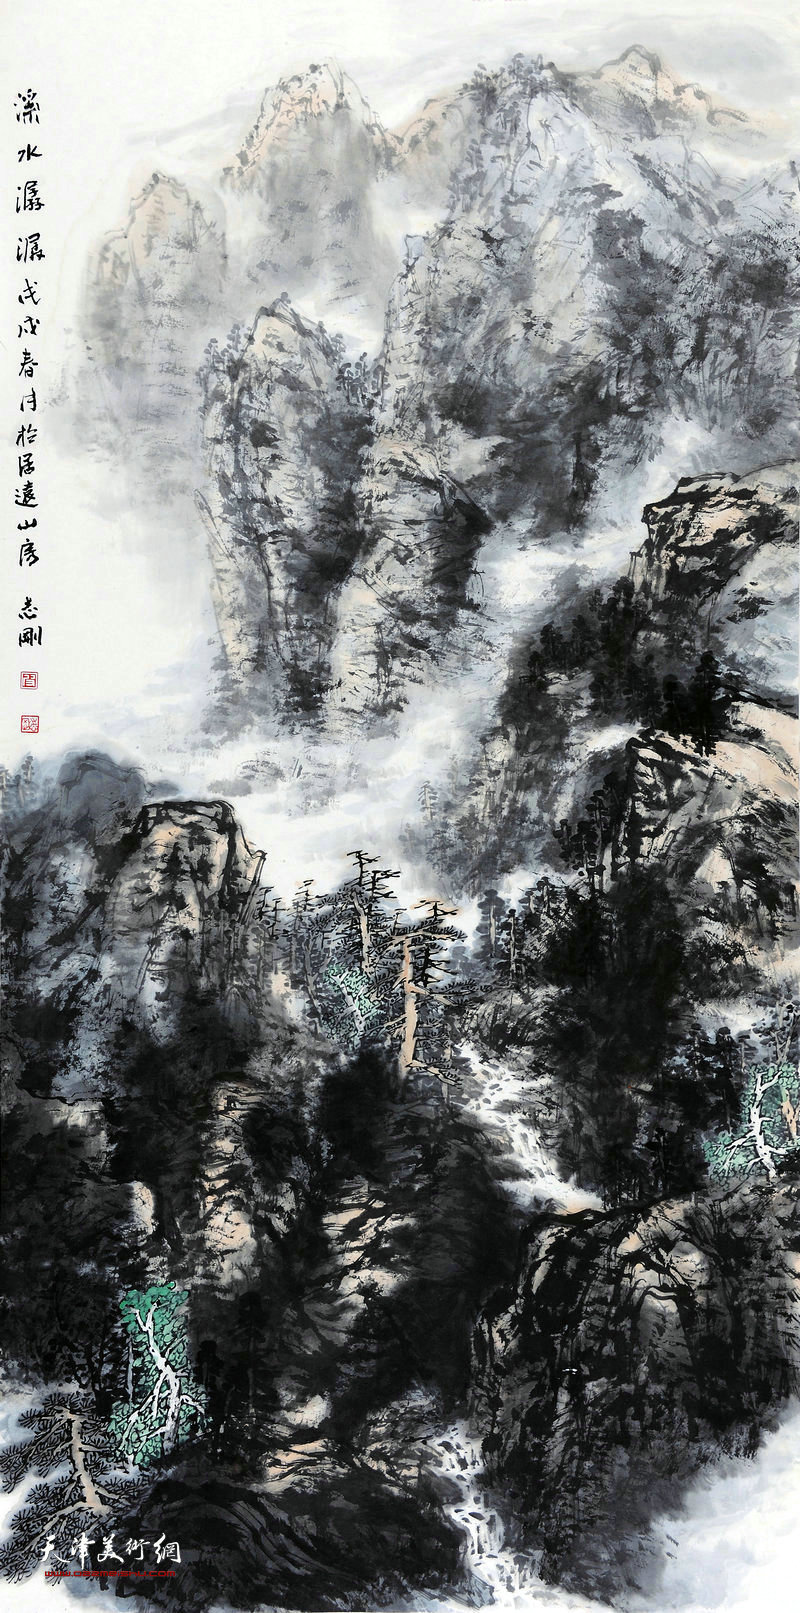 皮志刚-溪水潺潺68x138cm